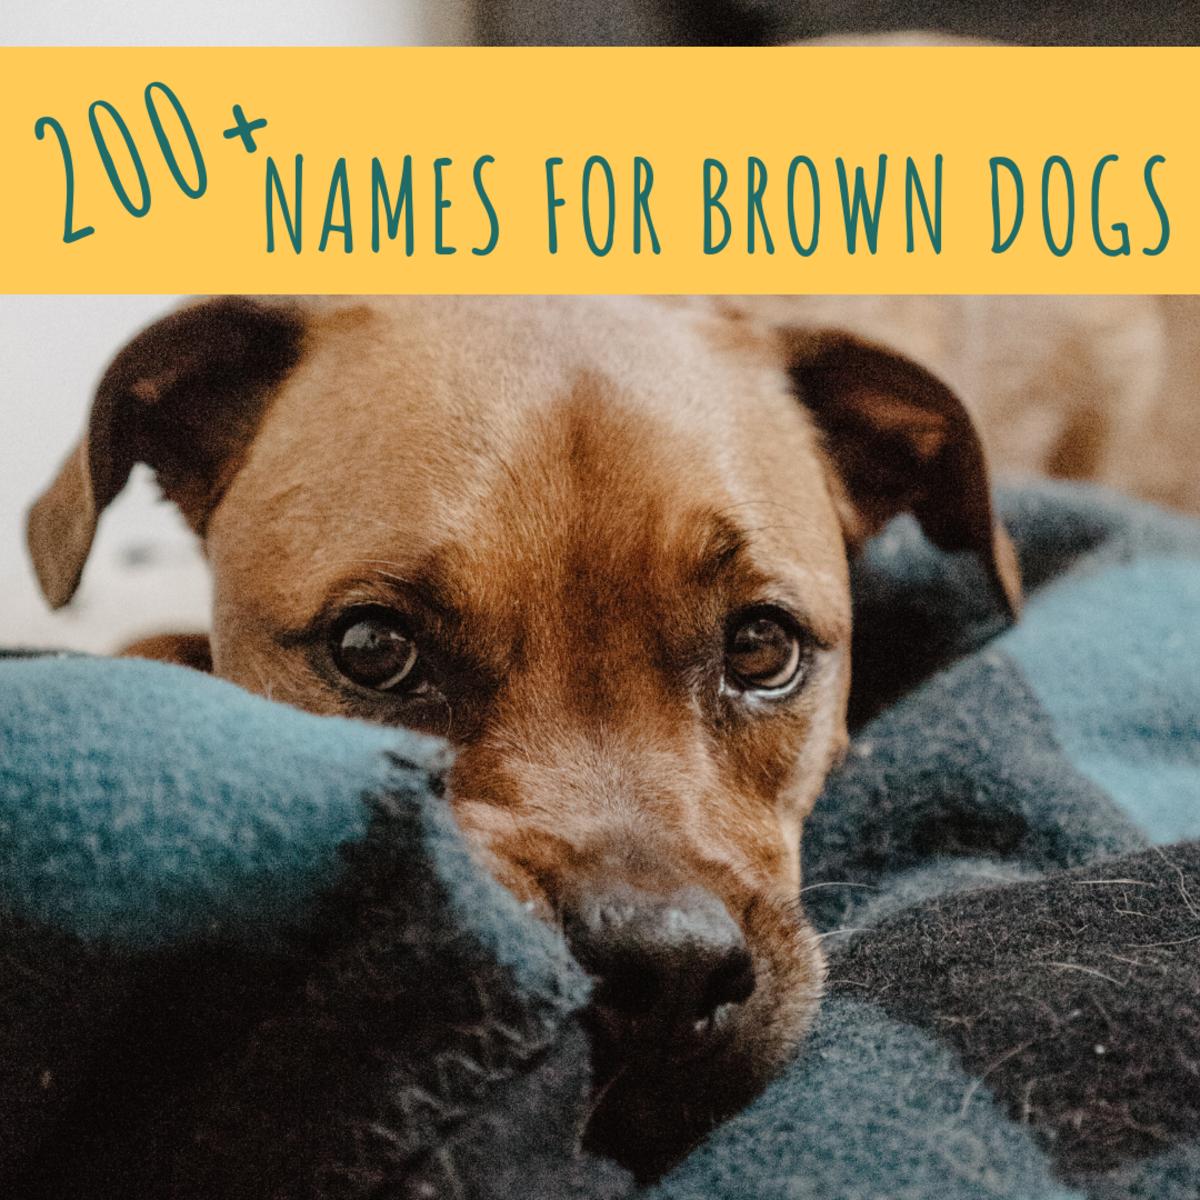 200+ Unique Brown Dog Names